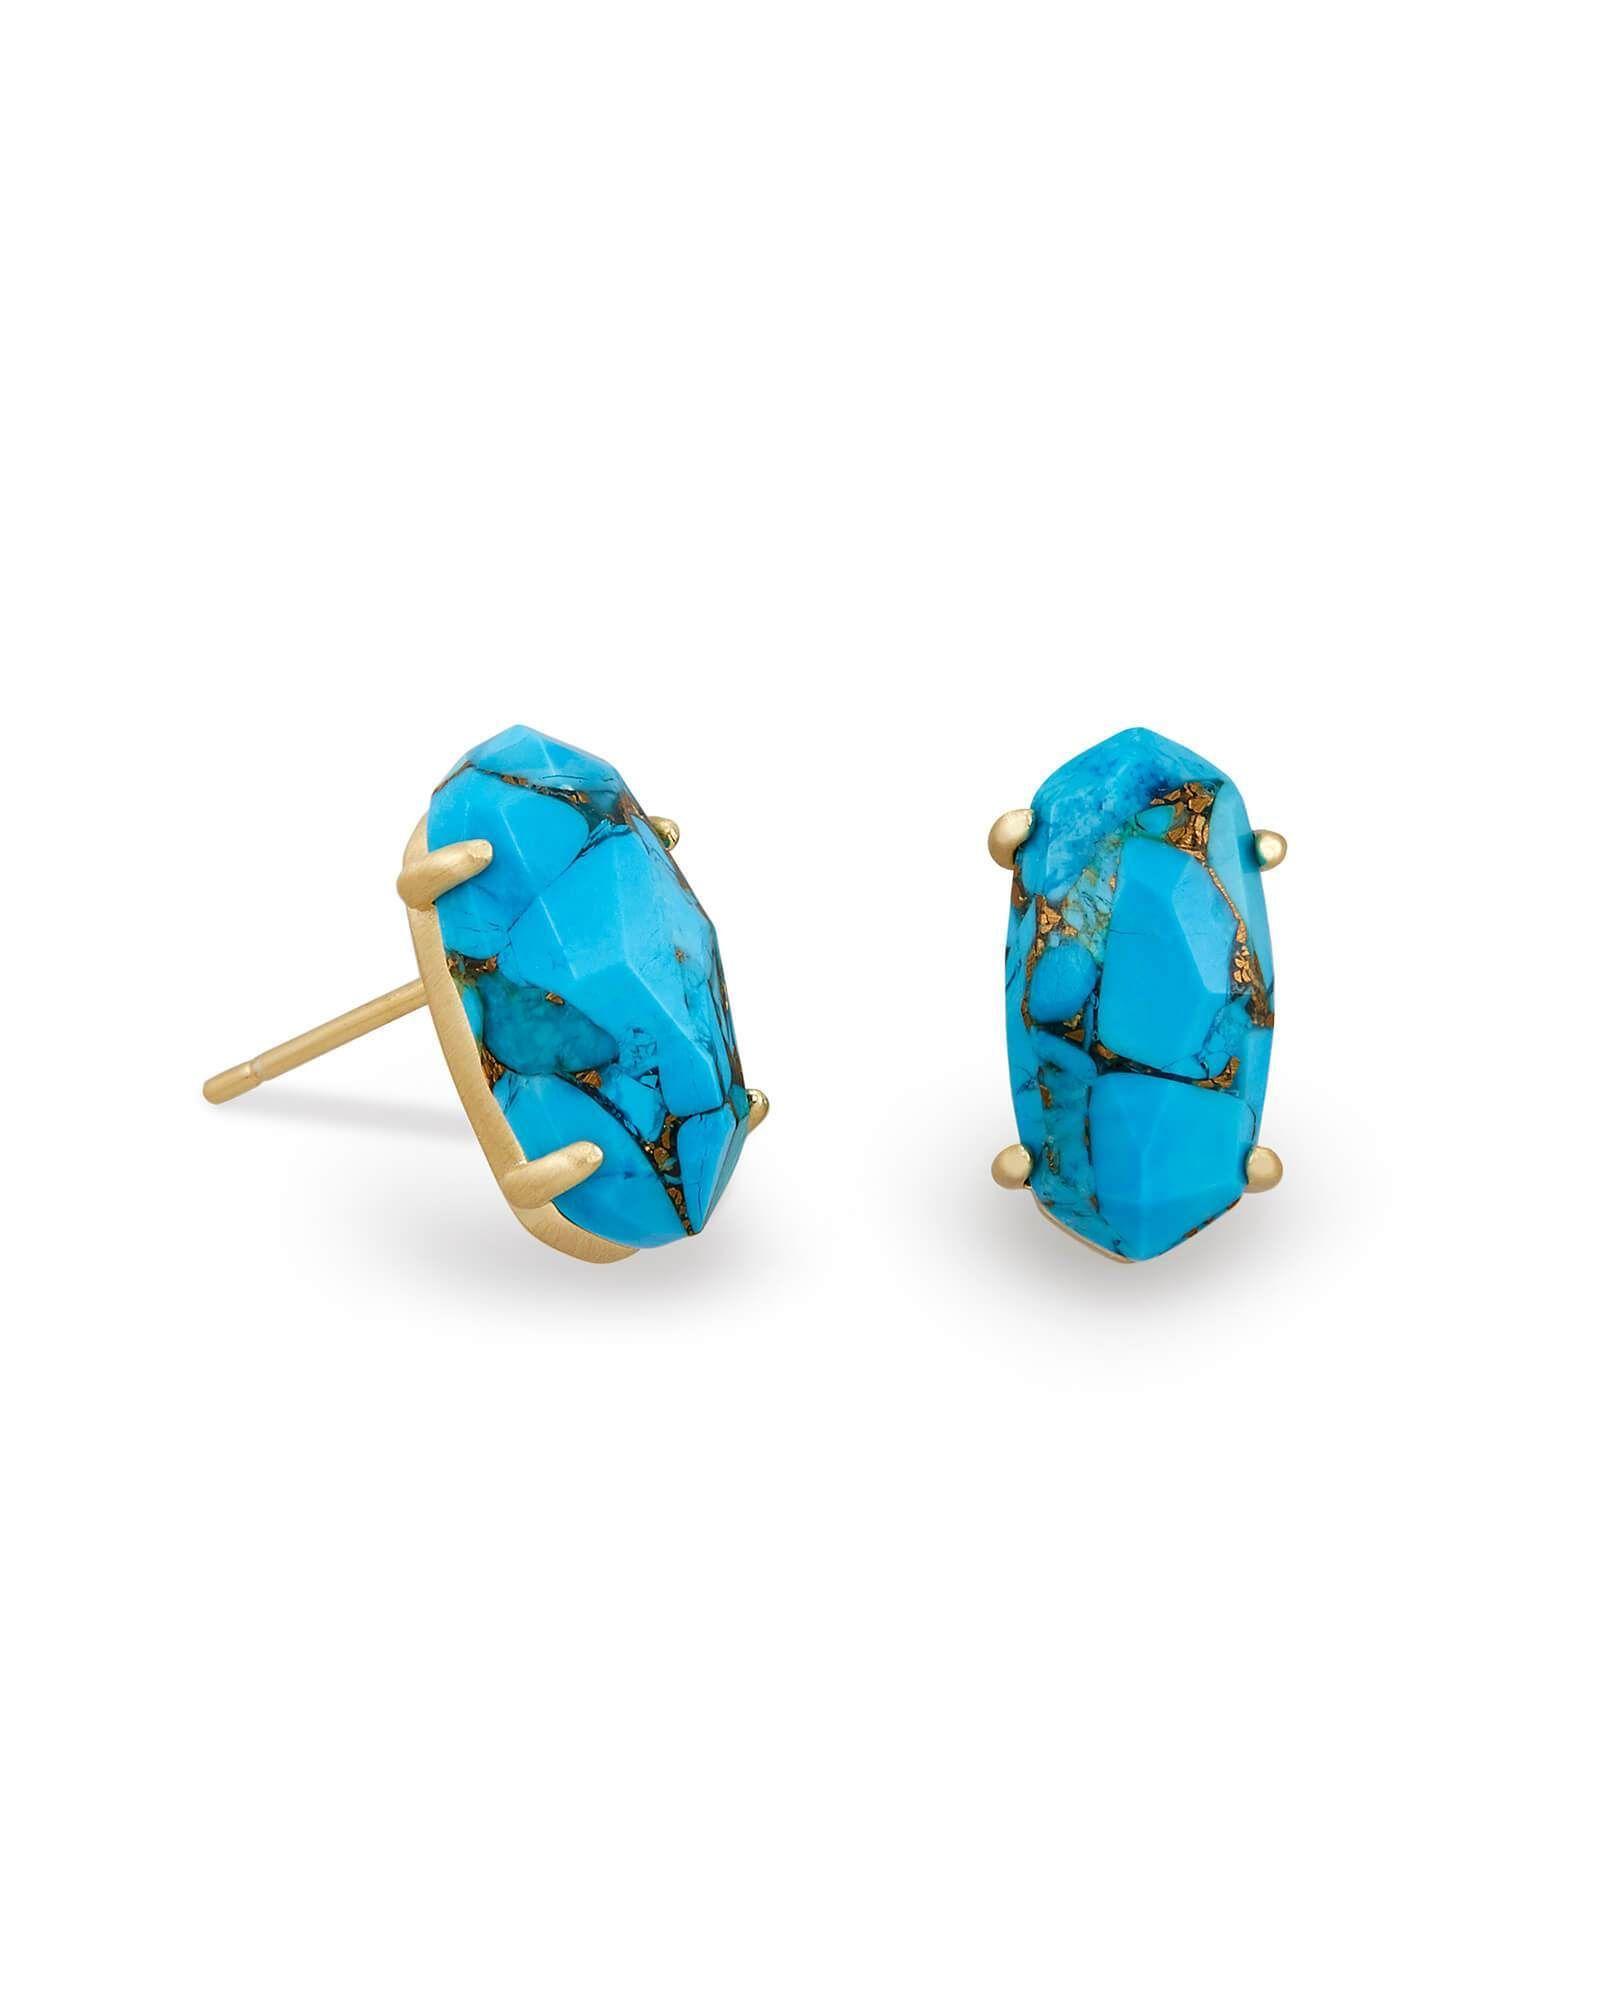 8c05a76bb Kendra Scott Betty Earring | Products | Earrings, Stud earrings, Jewelry